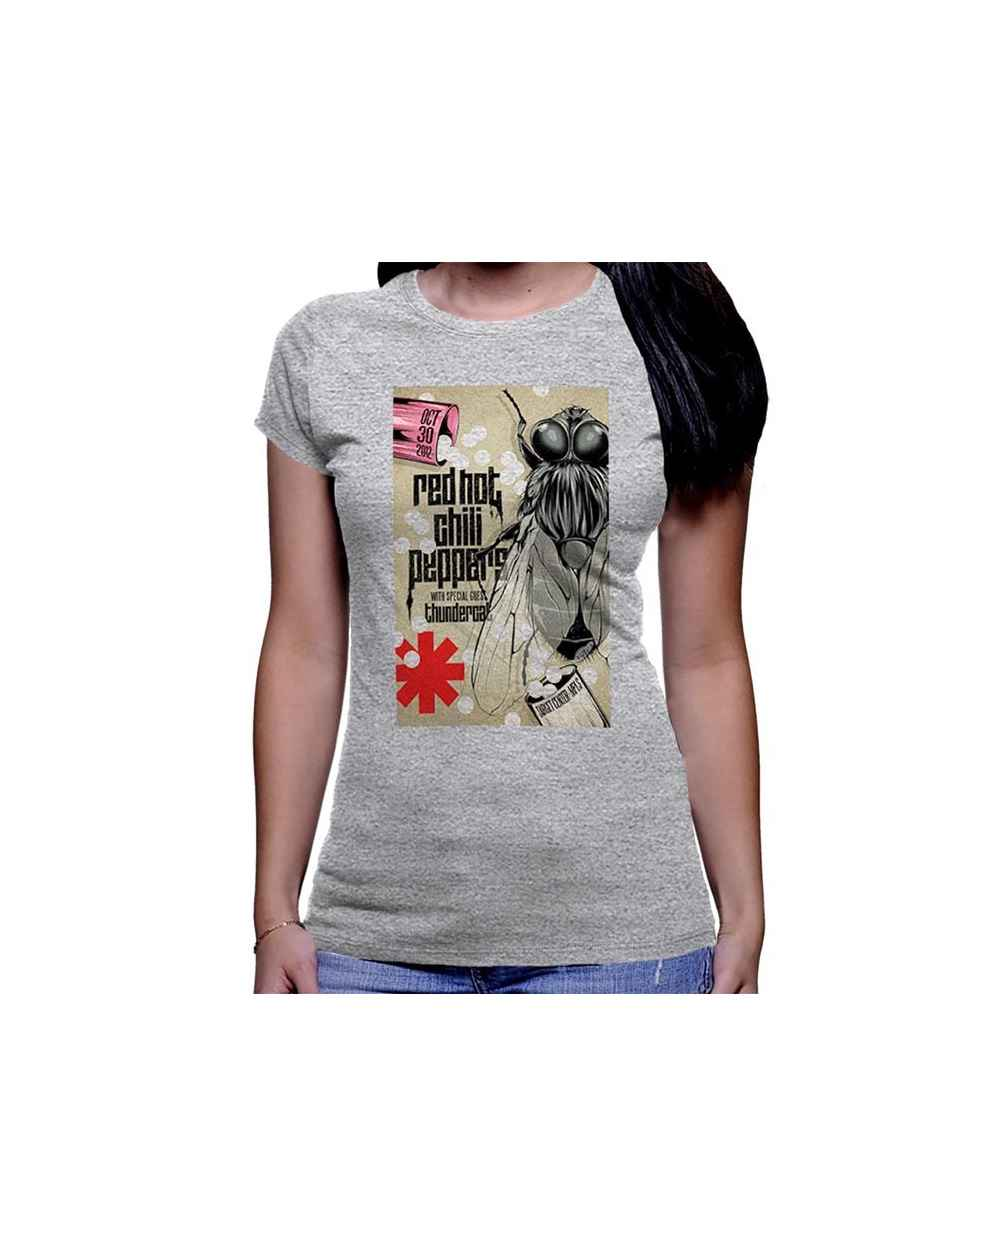 Camiseta Estampada Dama Red Hot Chilli Peppers 01